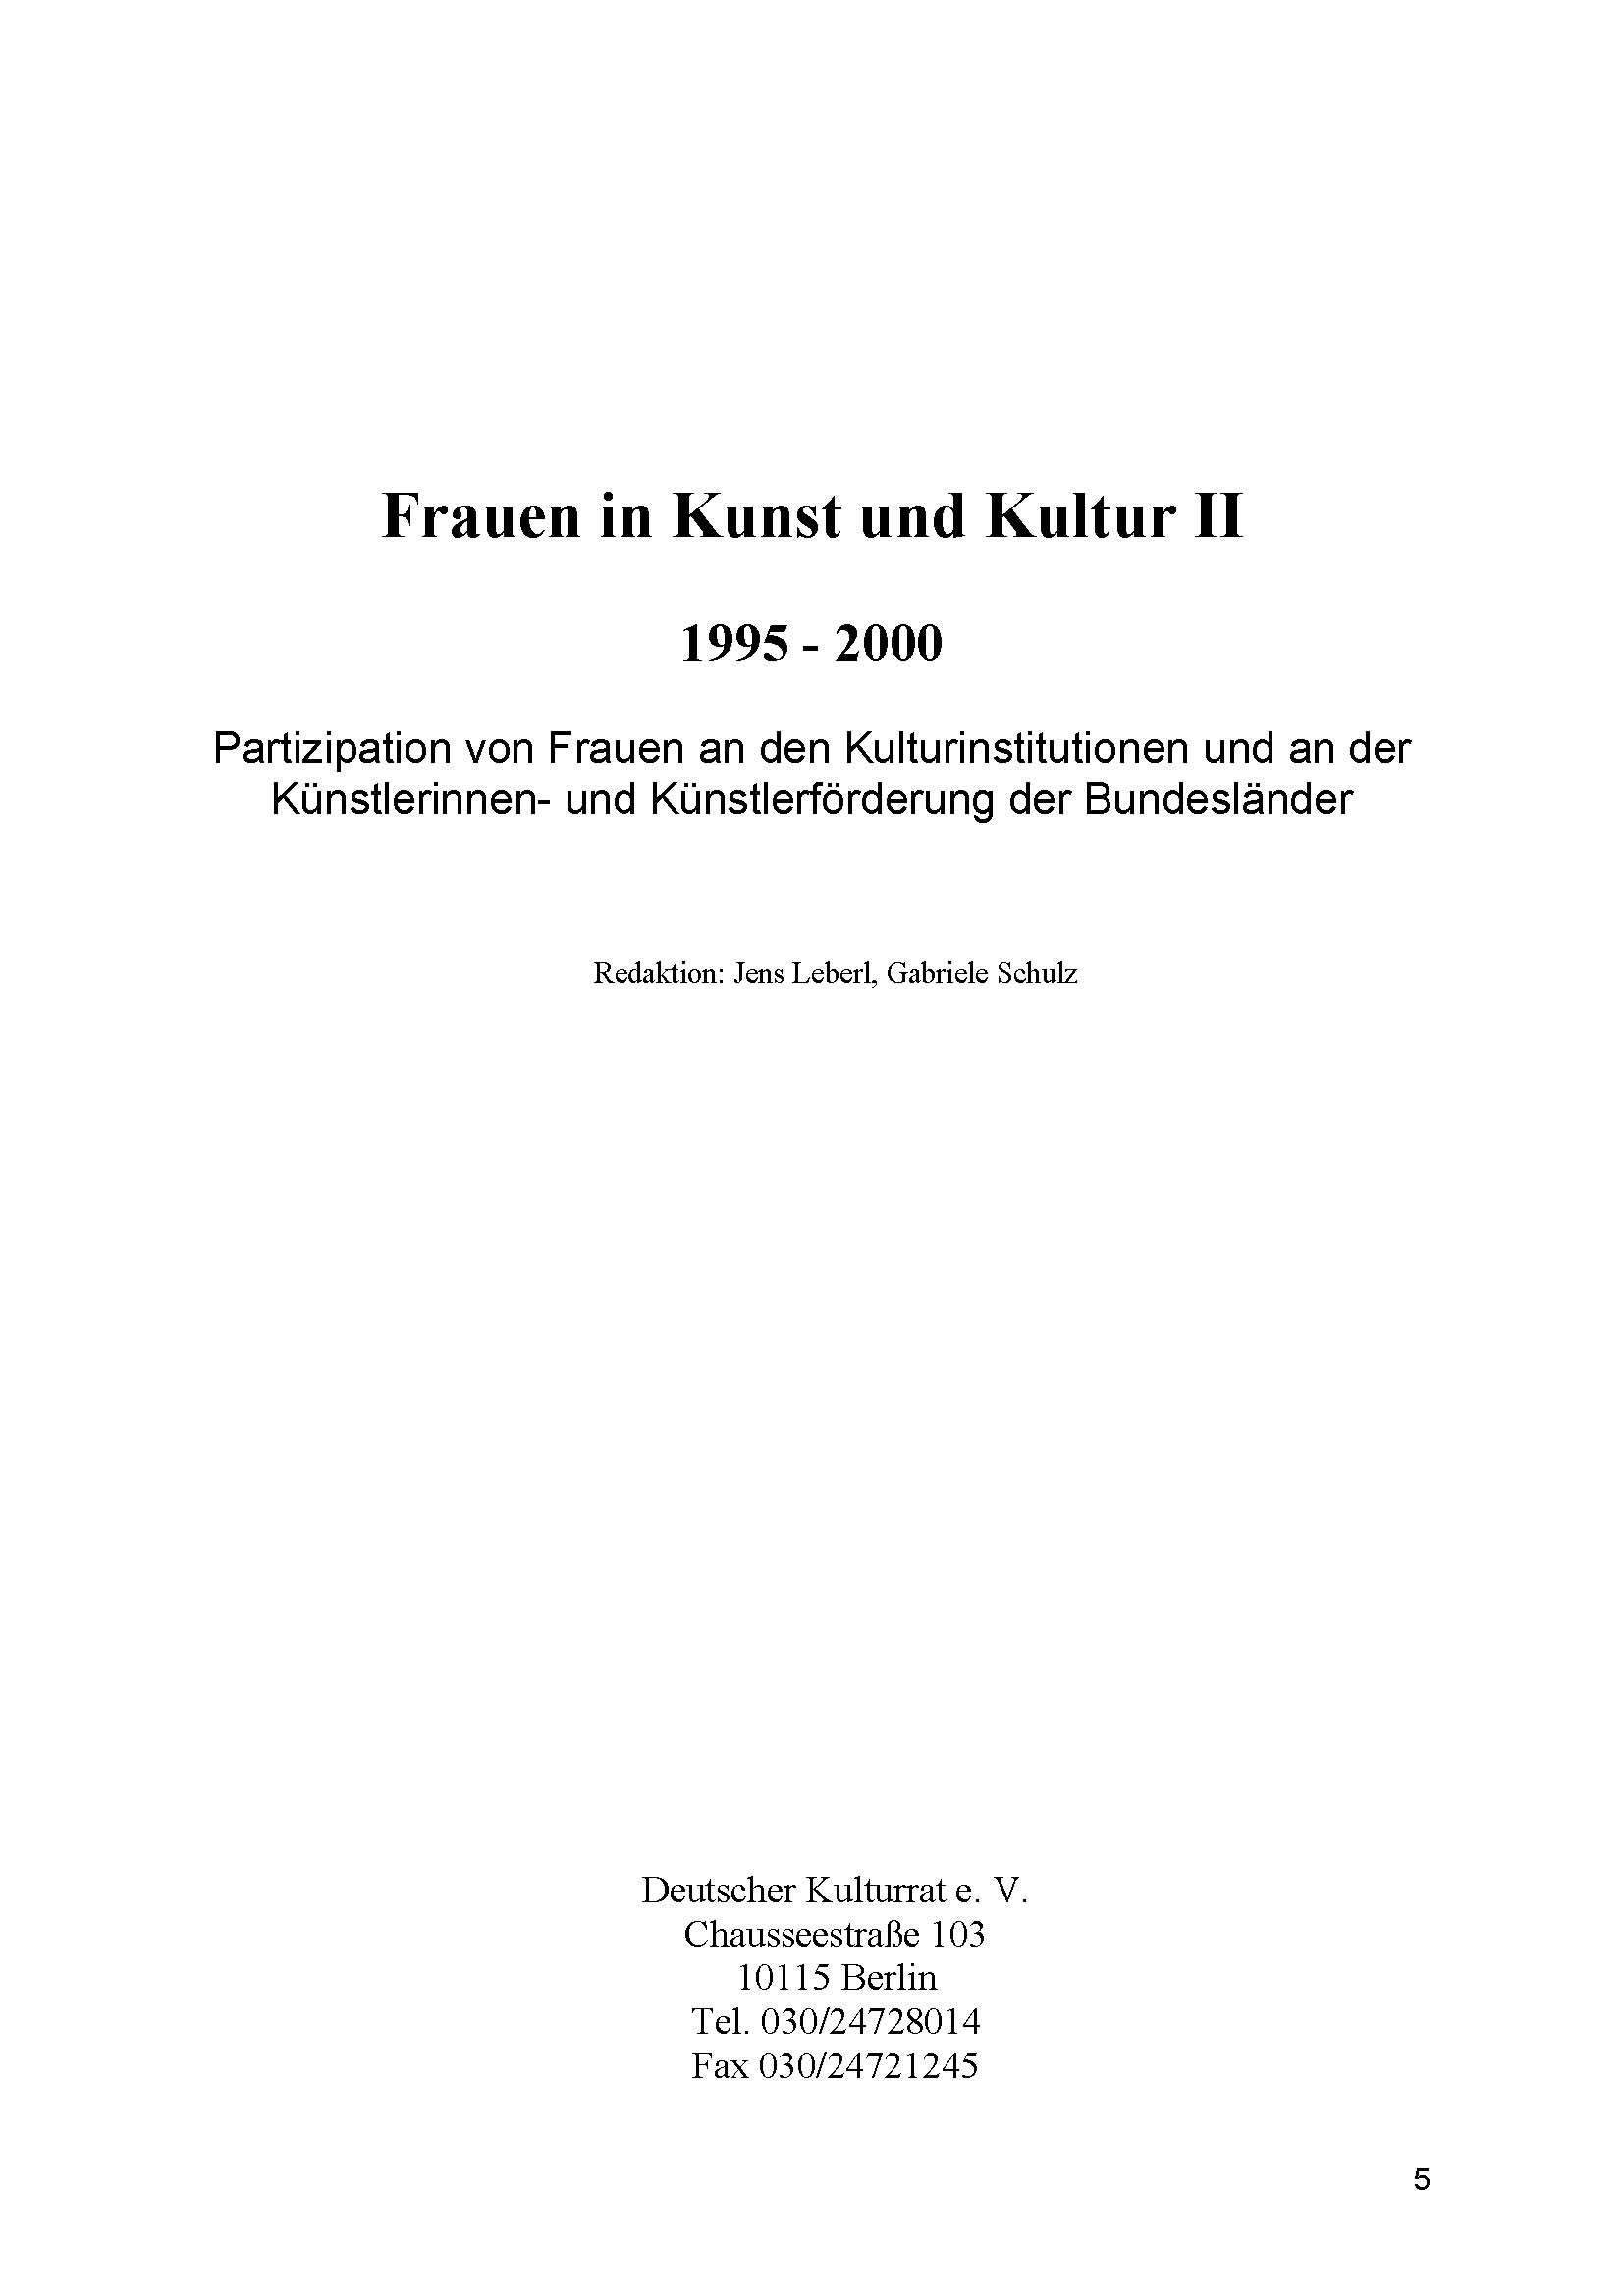 Frauen ins Kunst und Kultur 2 1995-2000